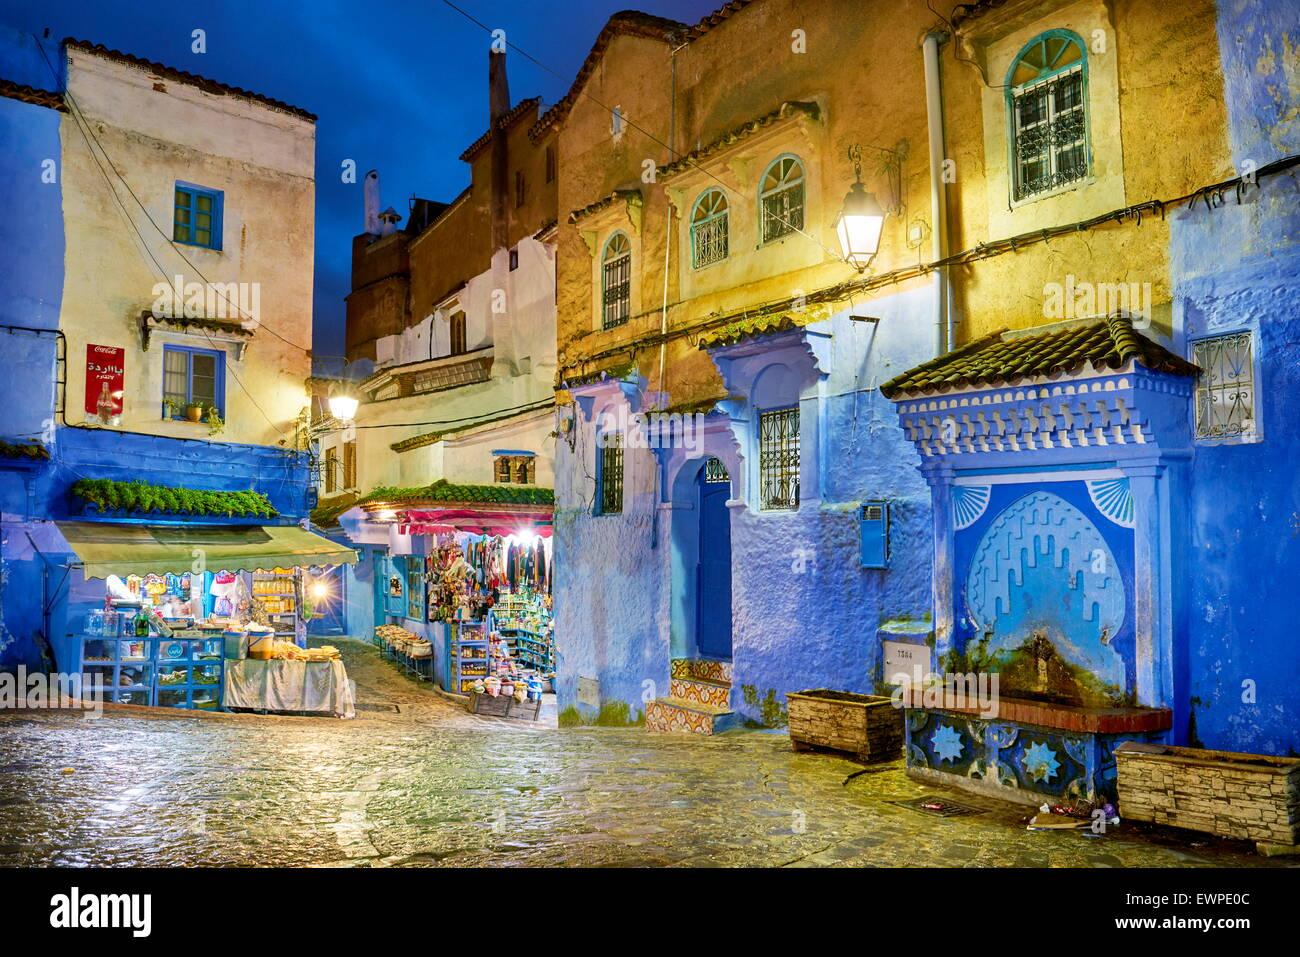 Las paredes pintadas de azul en la antigua medina de Chefchaouen, Marruecos, África Imagen De Stock